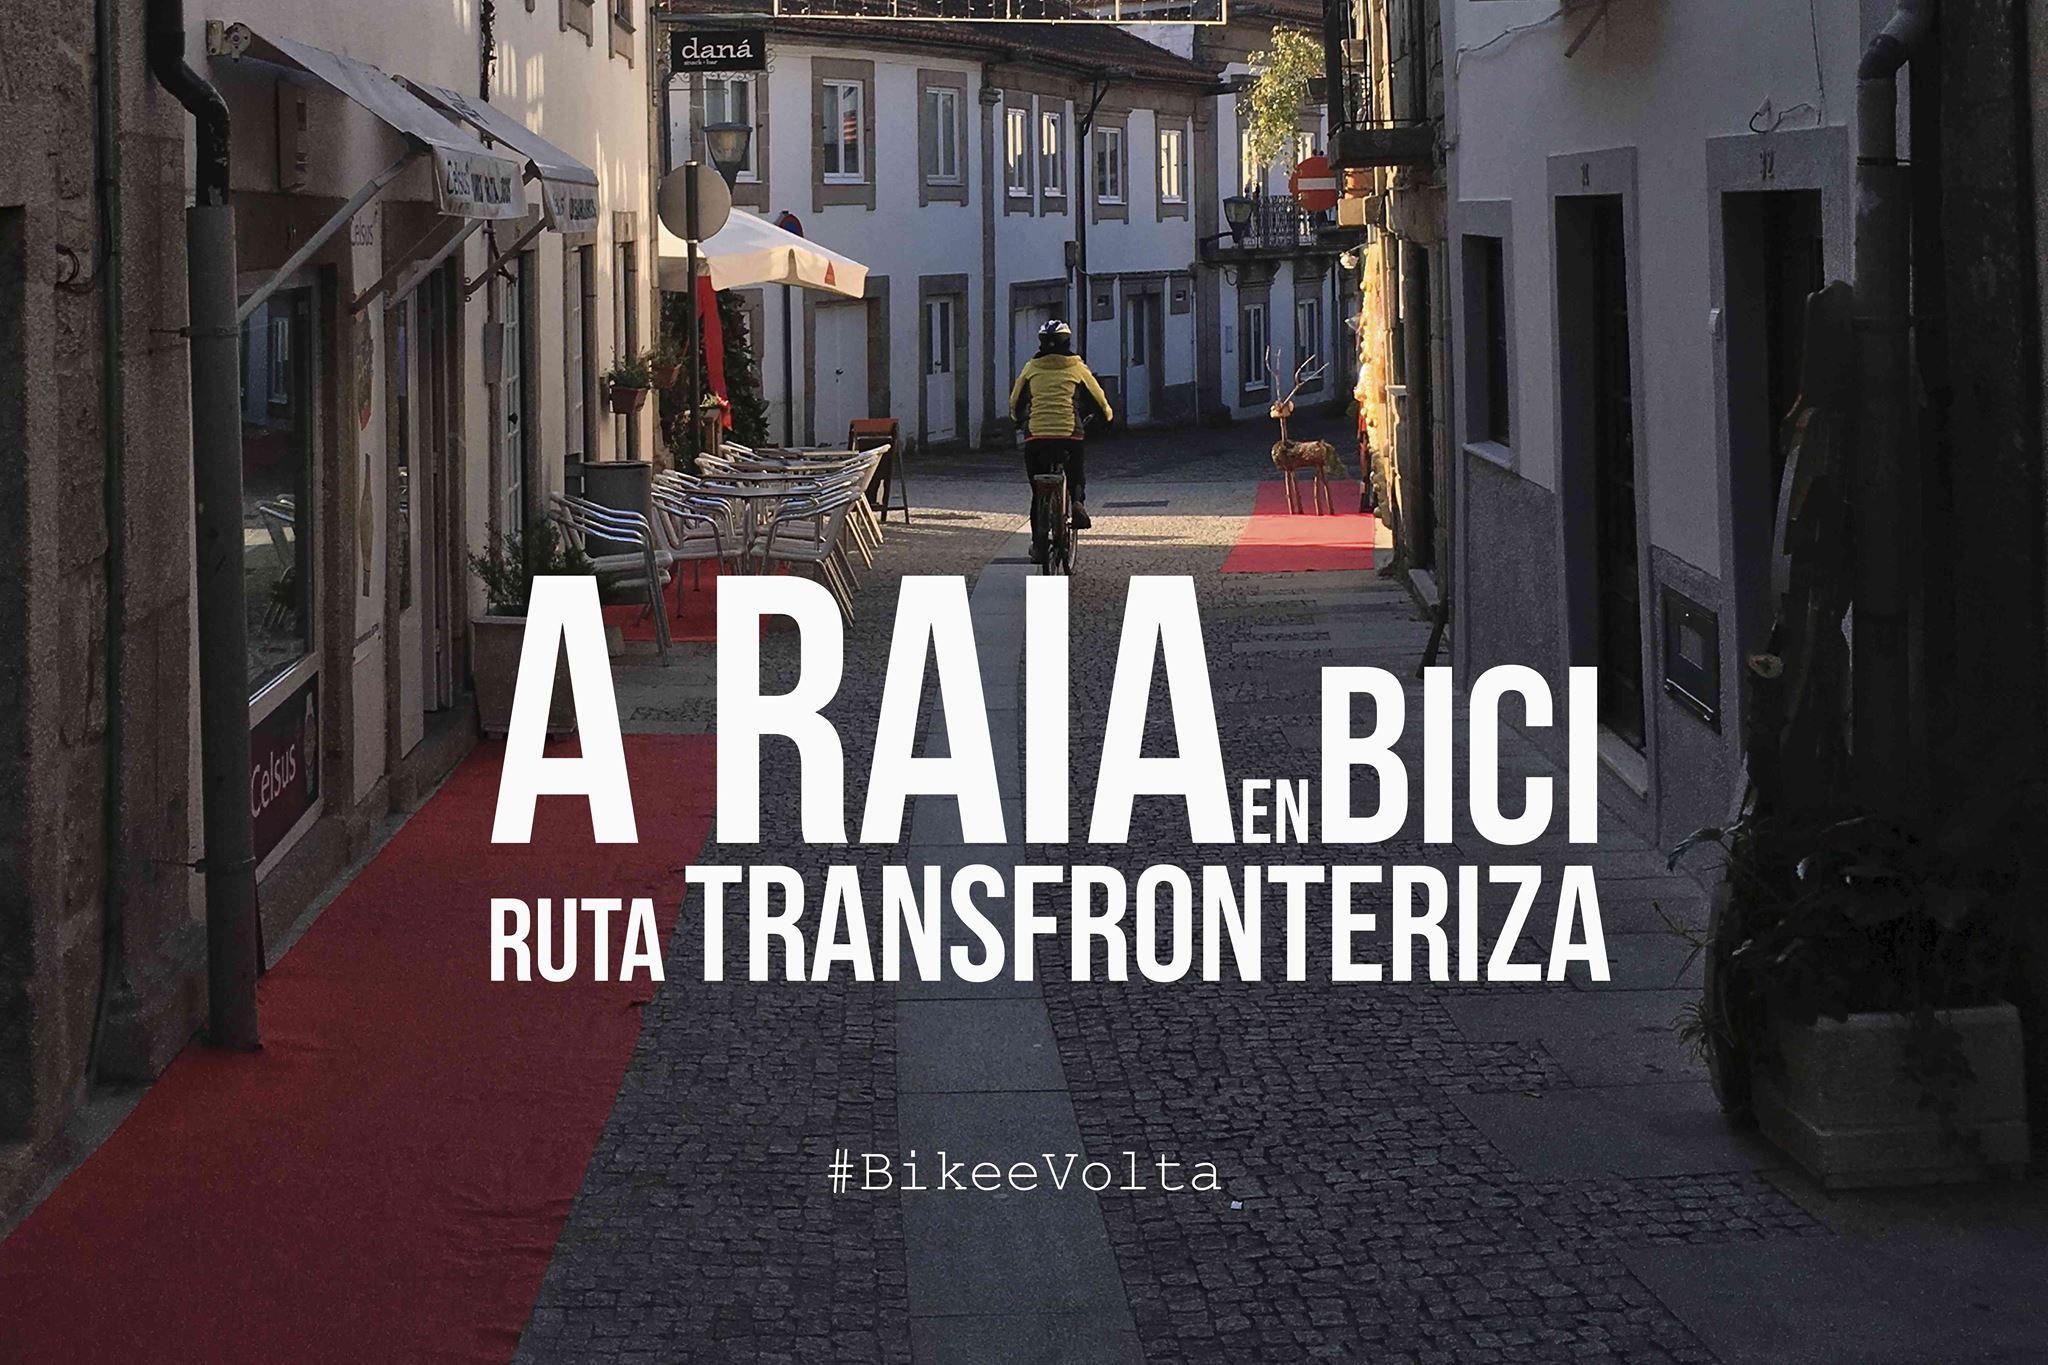 ruta-transfronteriza-galicia-portugal-en-bici